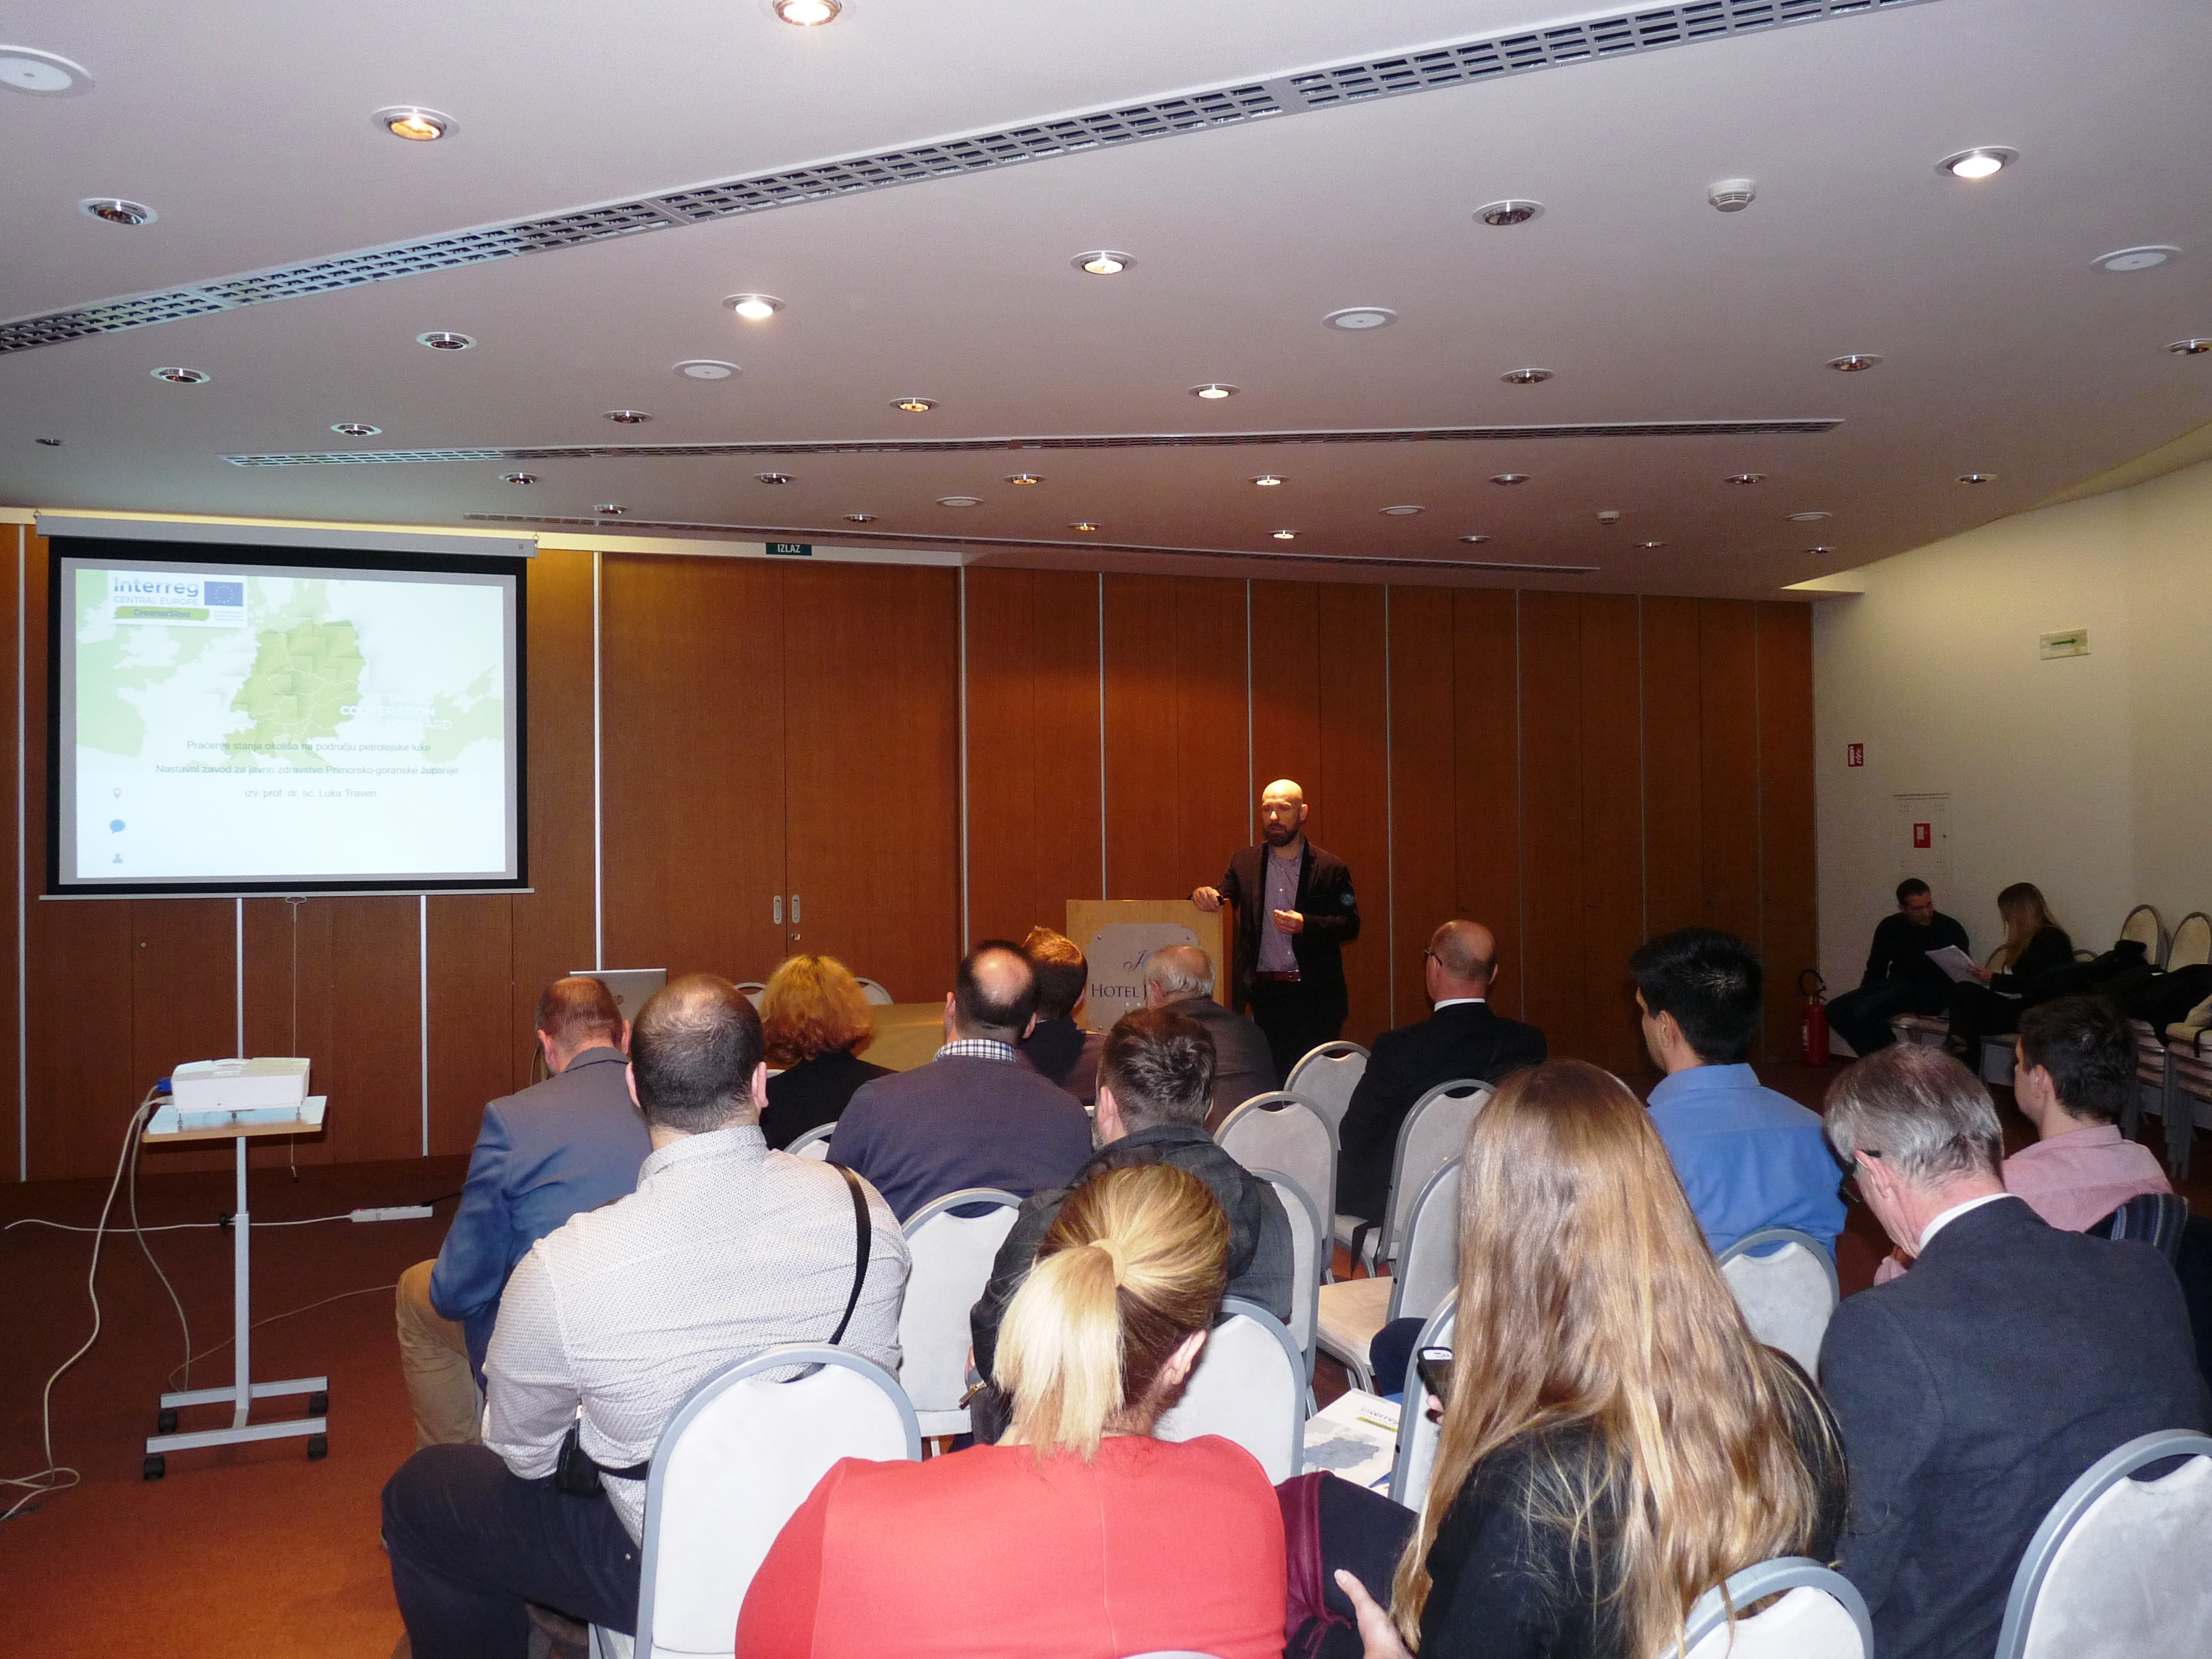 Nacionalna konferencija projekta GreenerSites